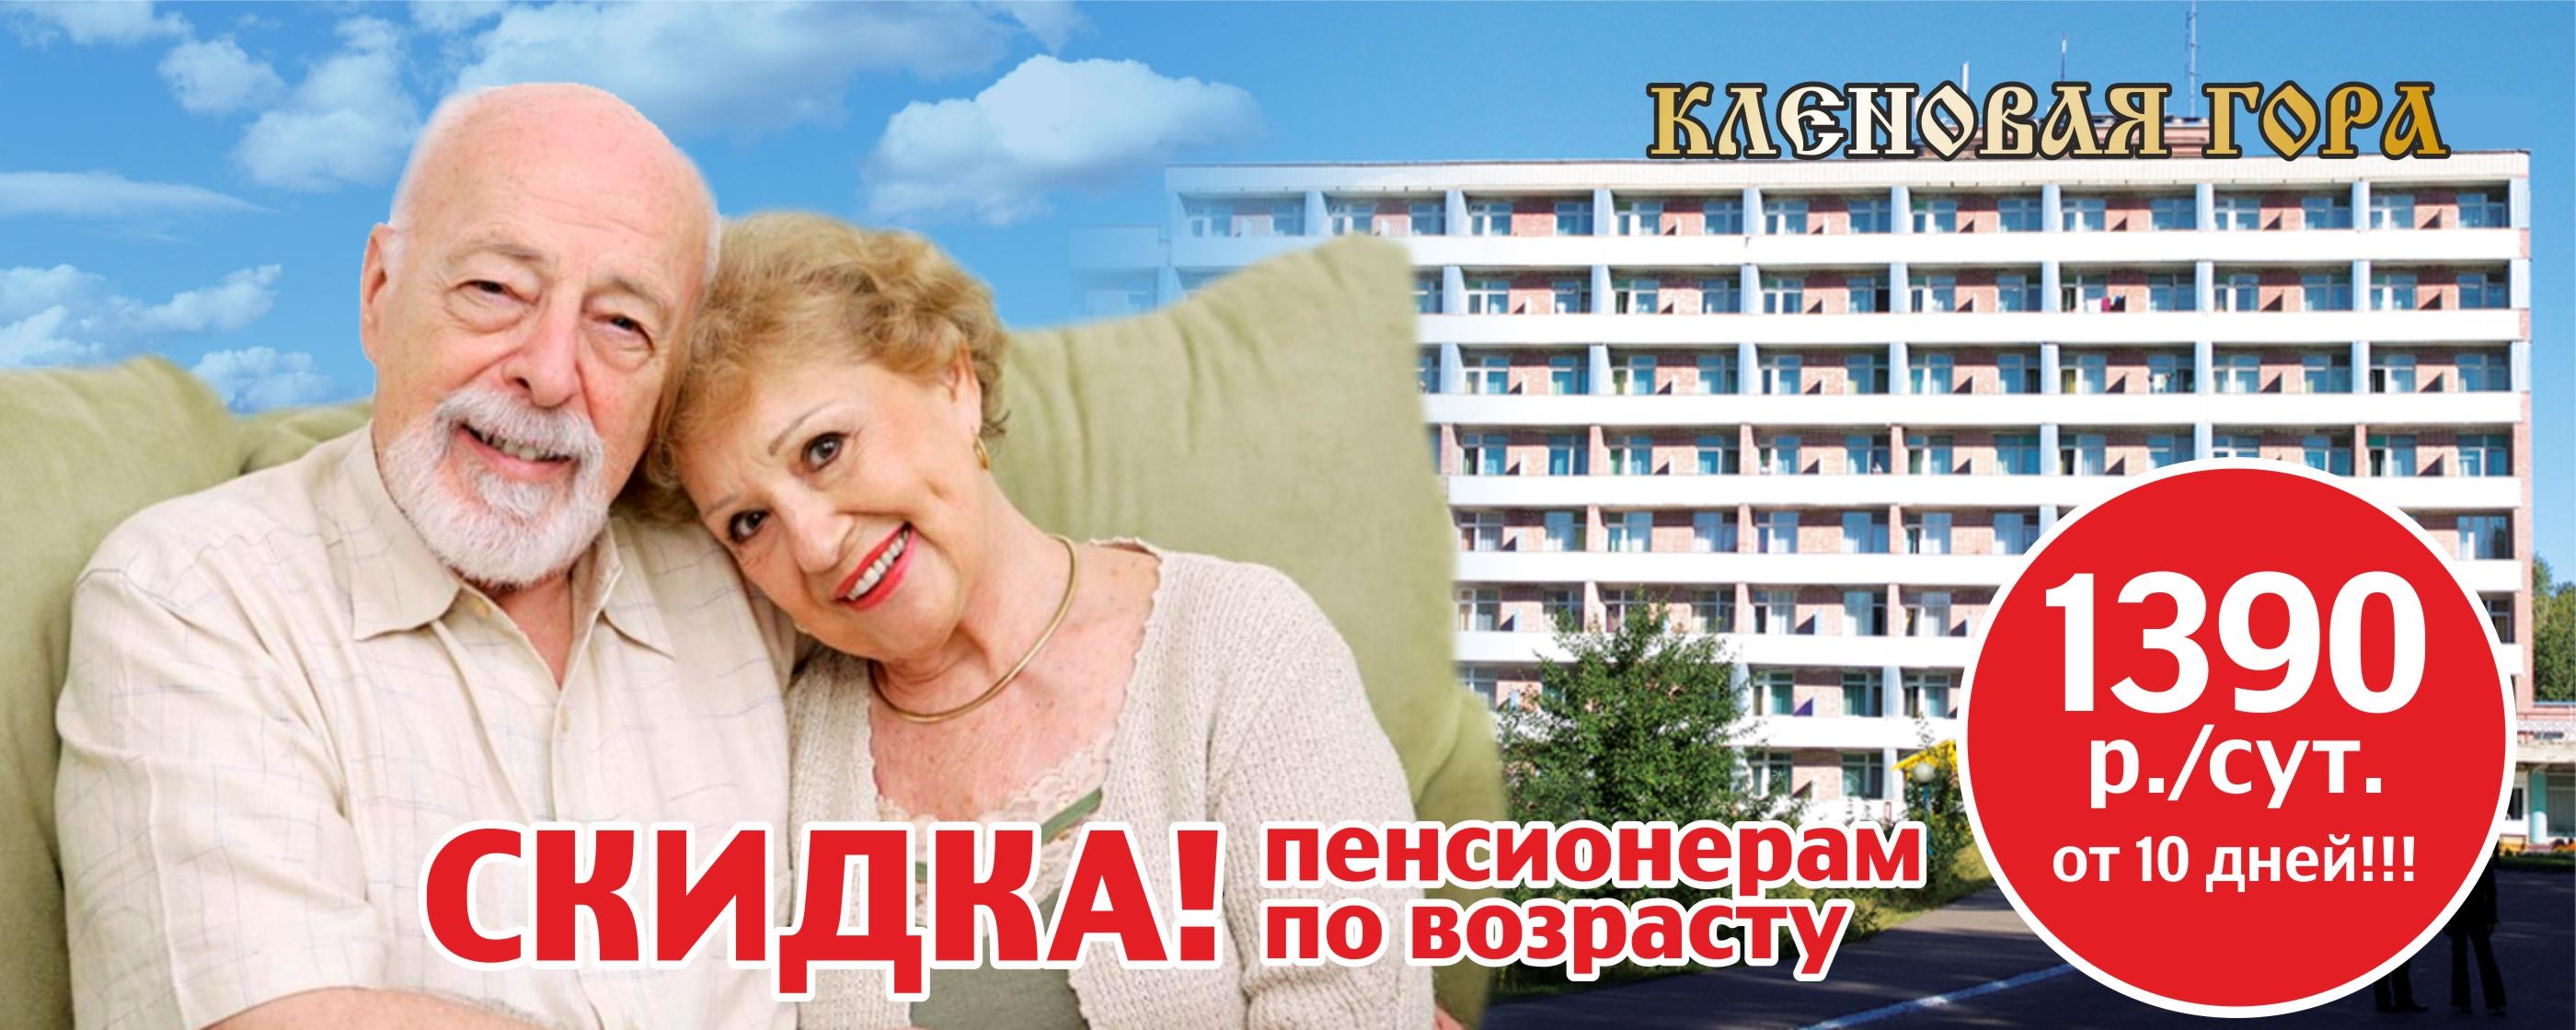 Может ли пенсионер работать неполную неделю